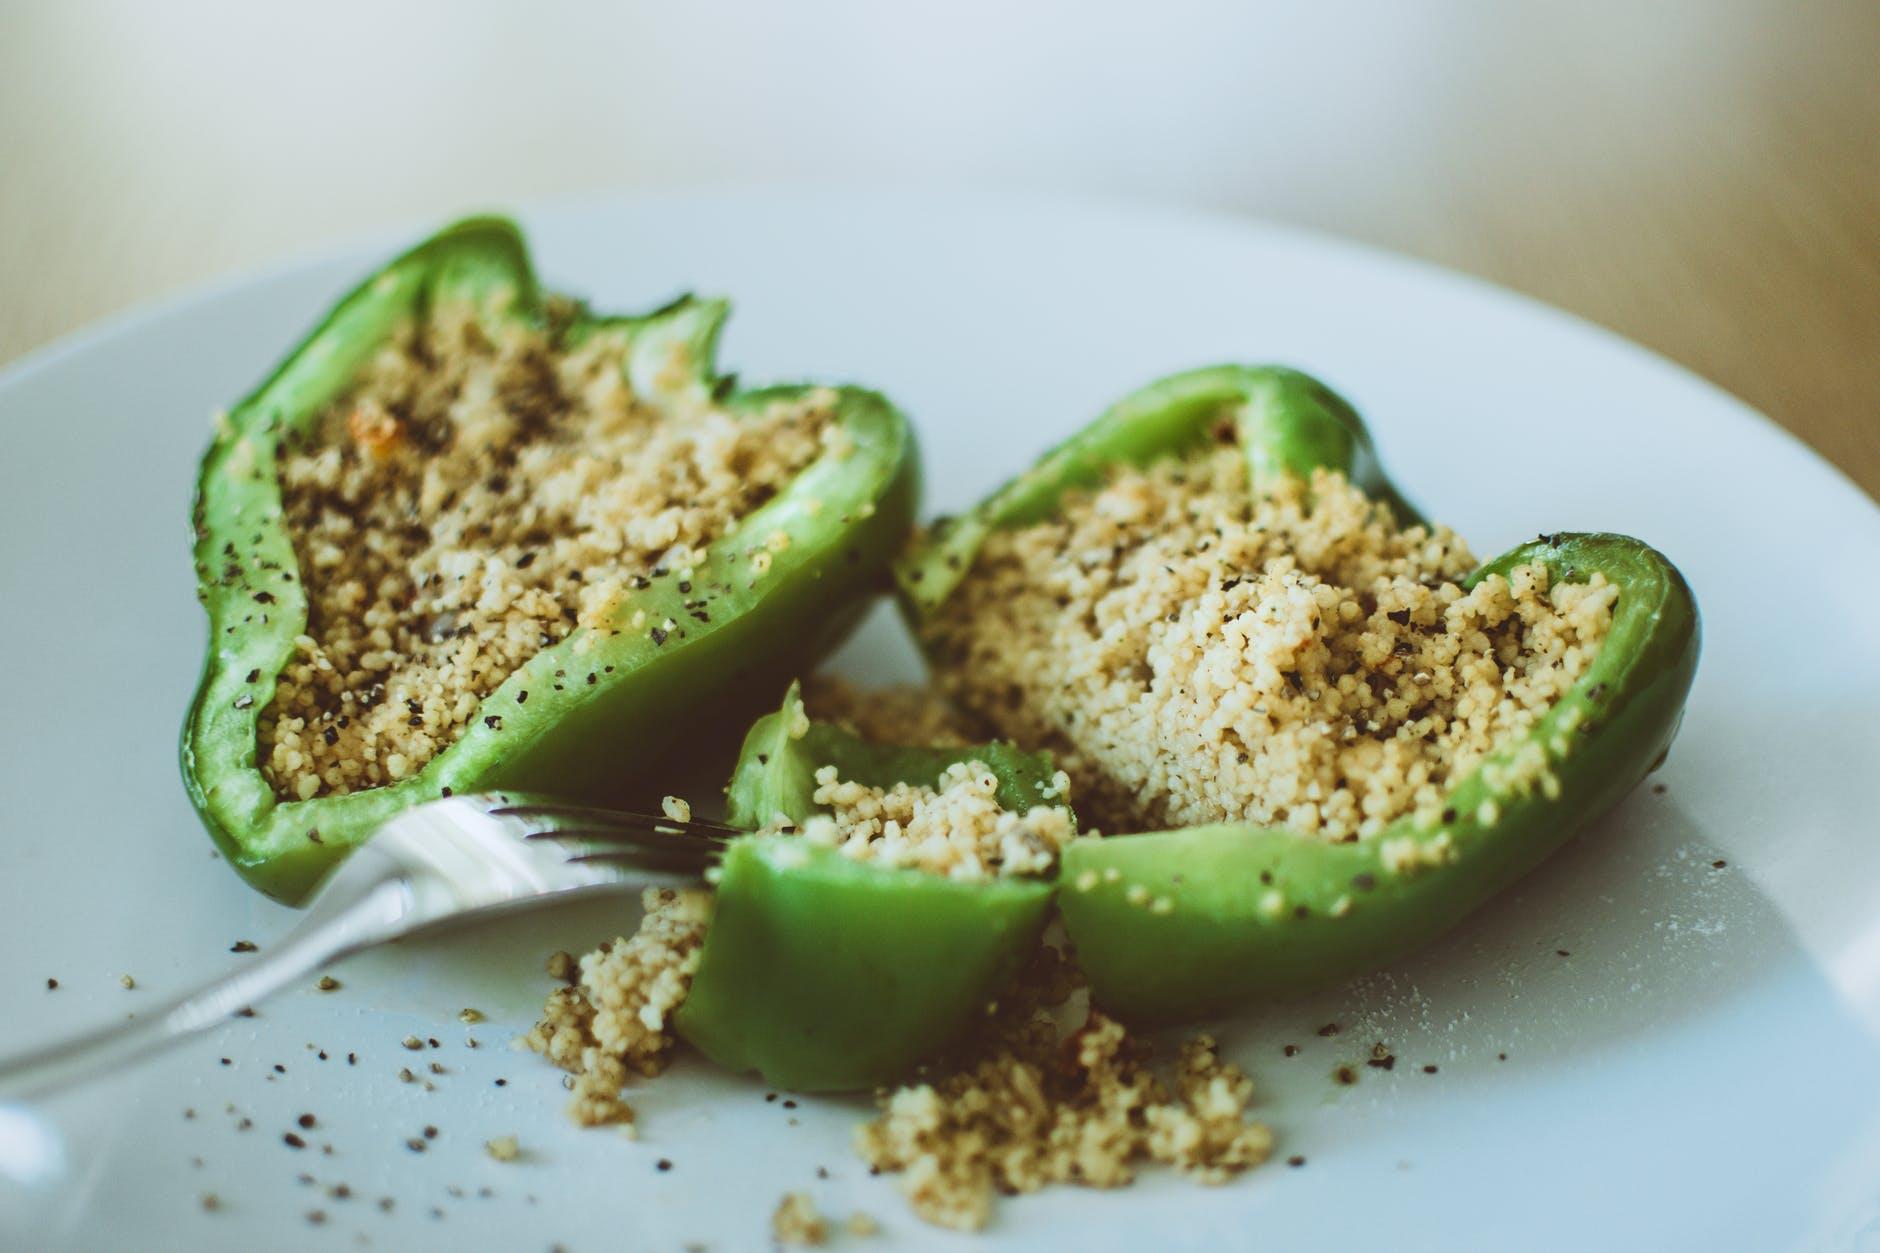 ideas de recetas veganas fáciles ricas y saludables, pimientos verdes rellenos de quinoa blanca cocida con pimienta negra